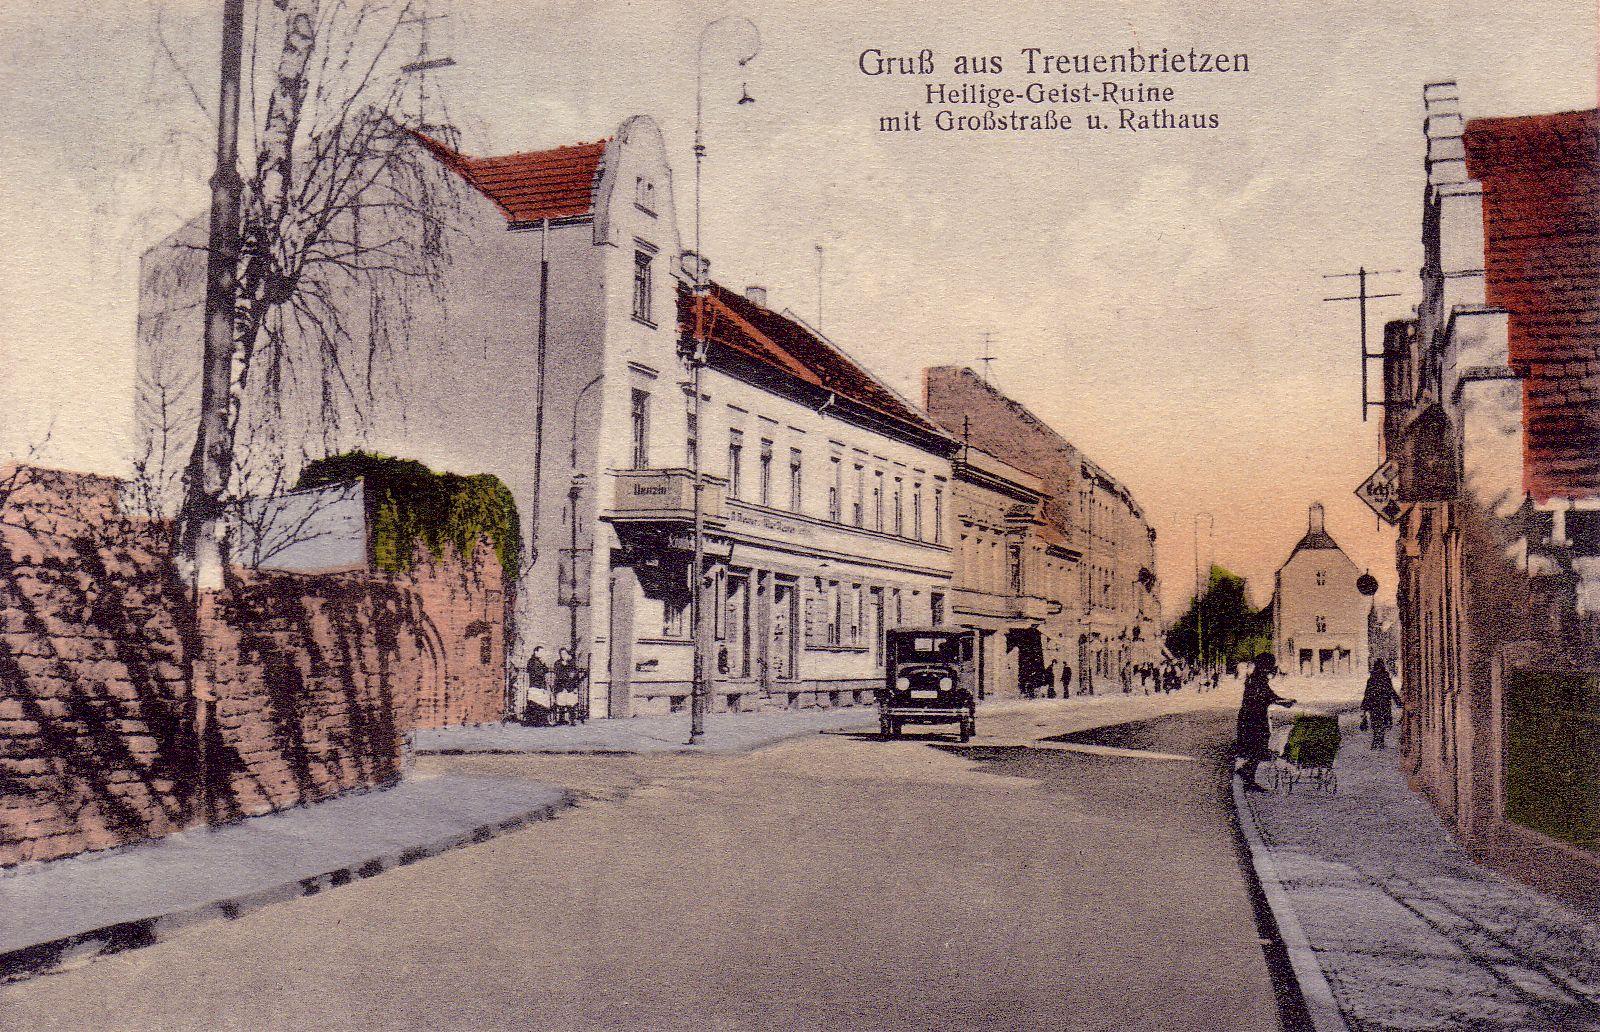 Treuenbrietzen: Großstrasse, Ruine der Heiliggeistkapelle und Rathaus vor 1938